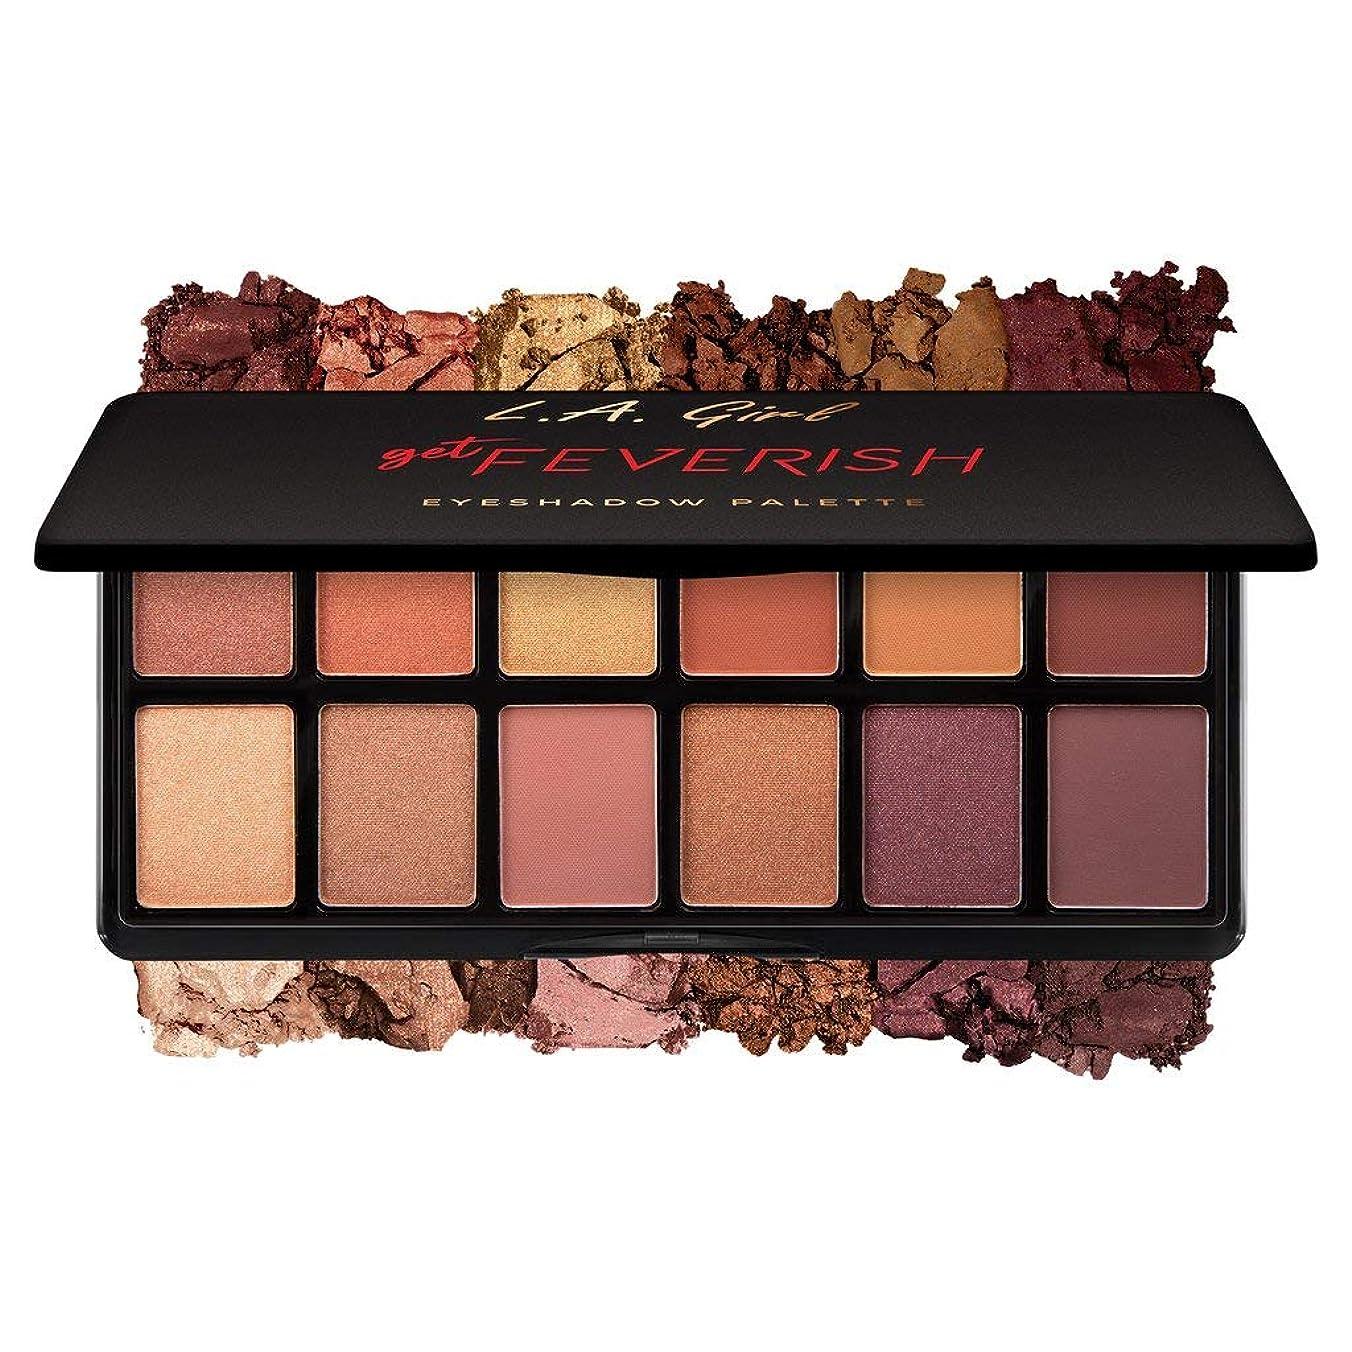 個人的に優勢でる(3 Pack) L.A. GIRL Fanatic Eyeshadow Palette - Get Feverish (並行輸入品)